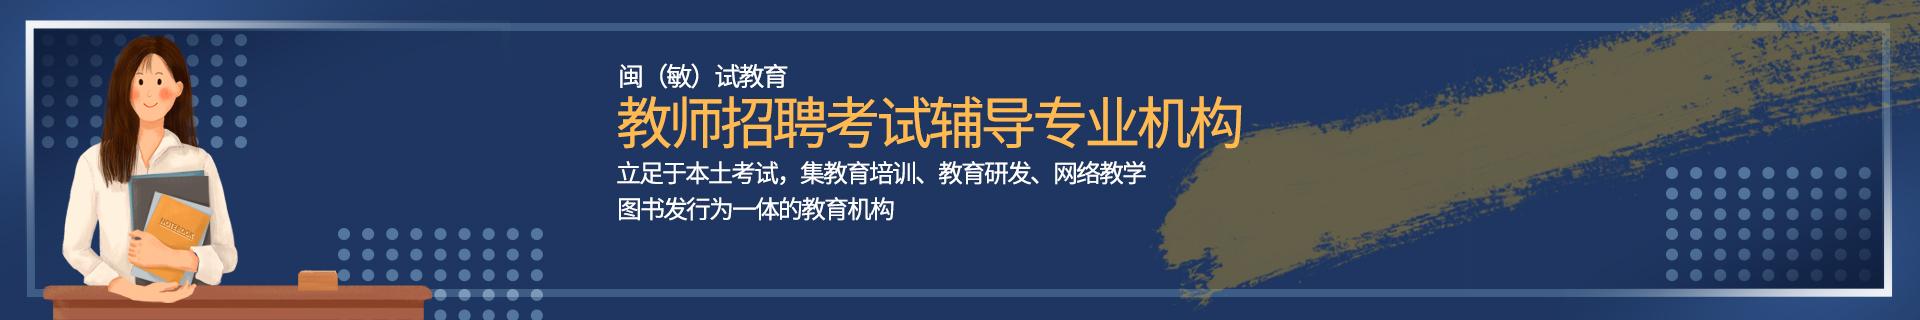 南昌青山湖区敏试教师招考辅导